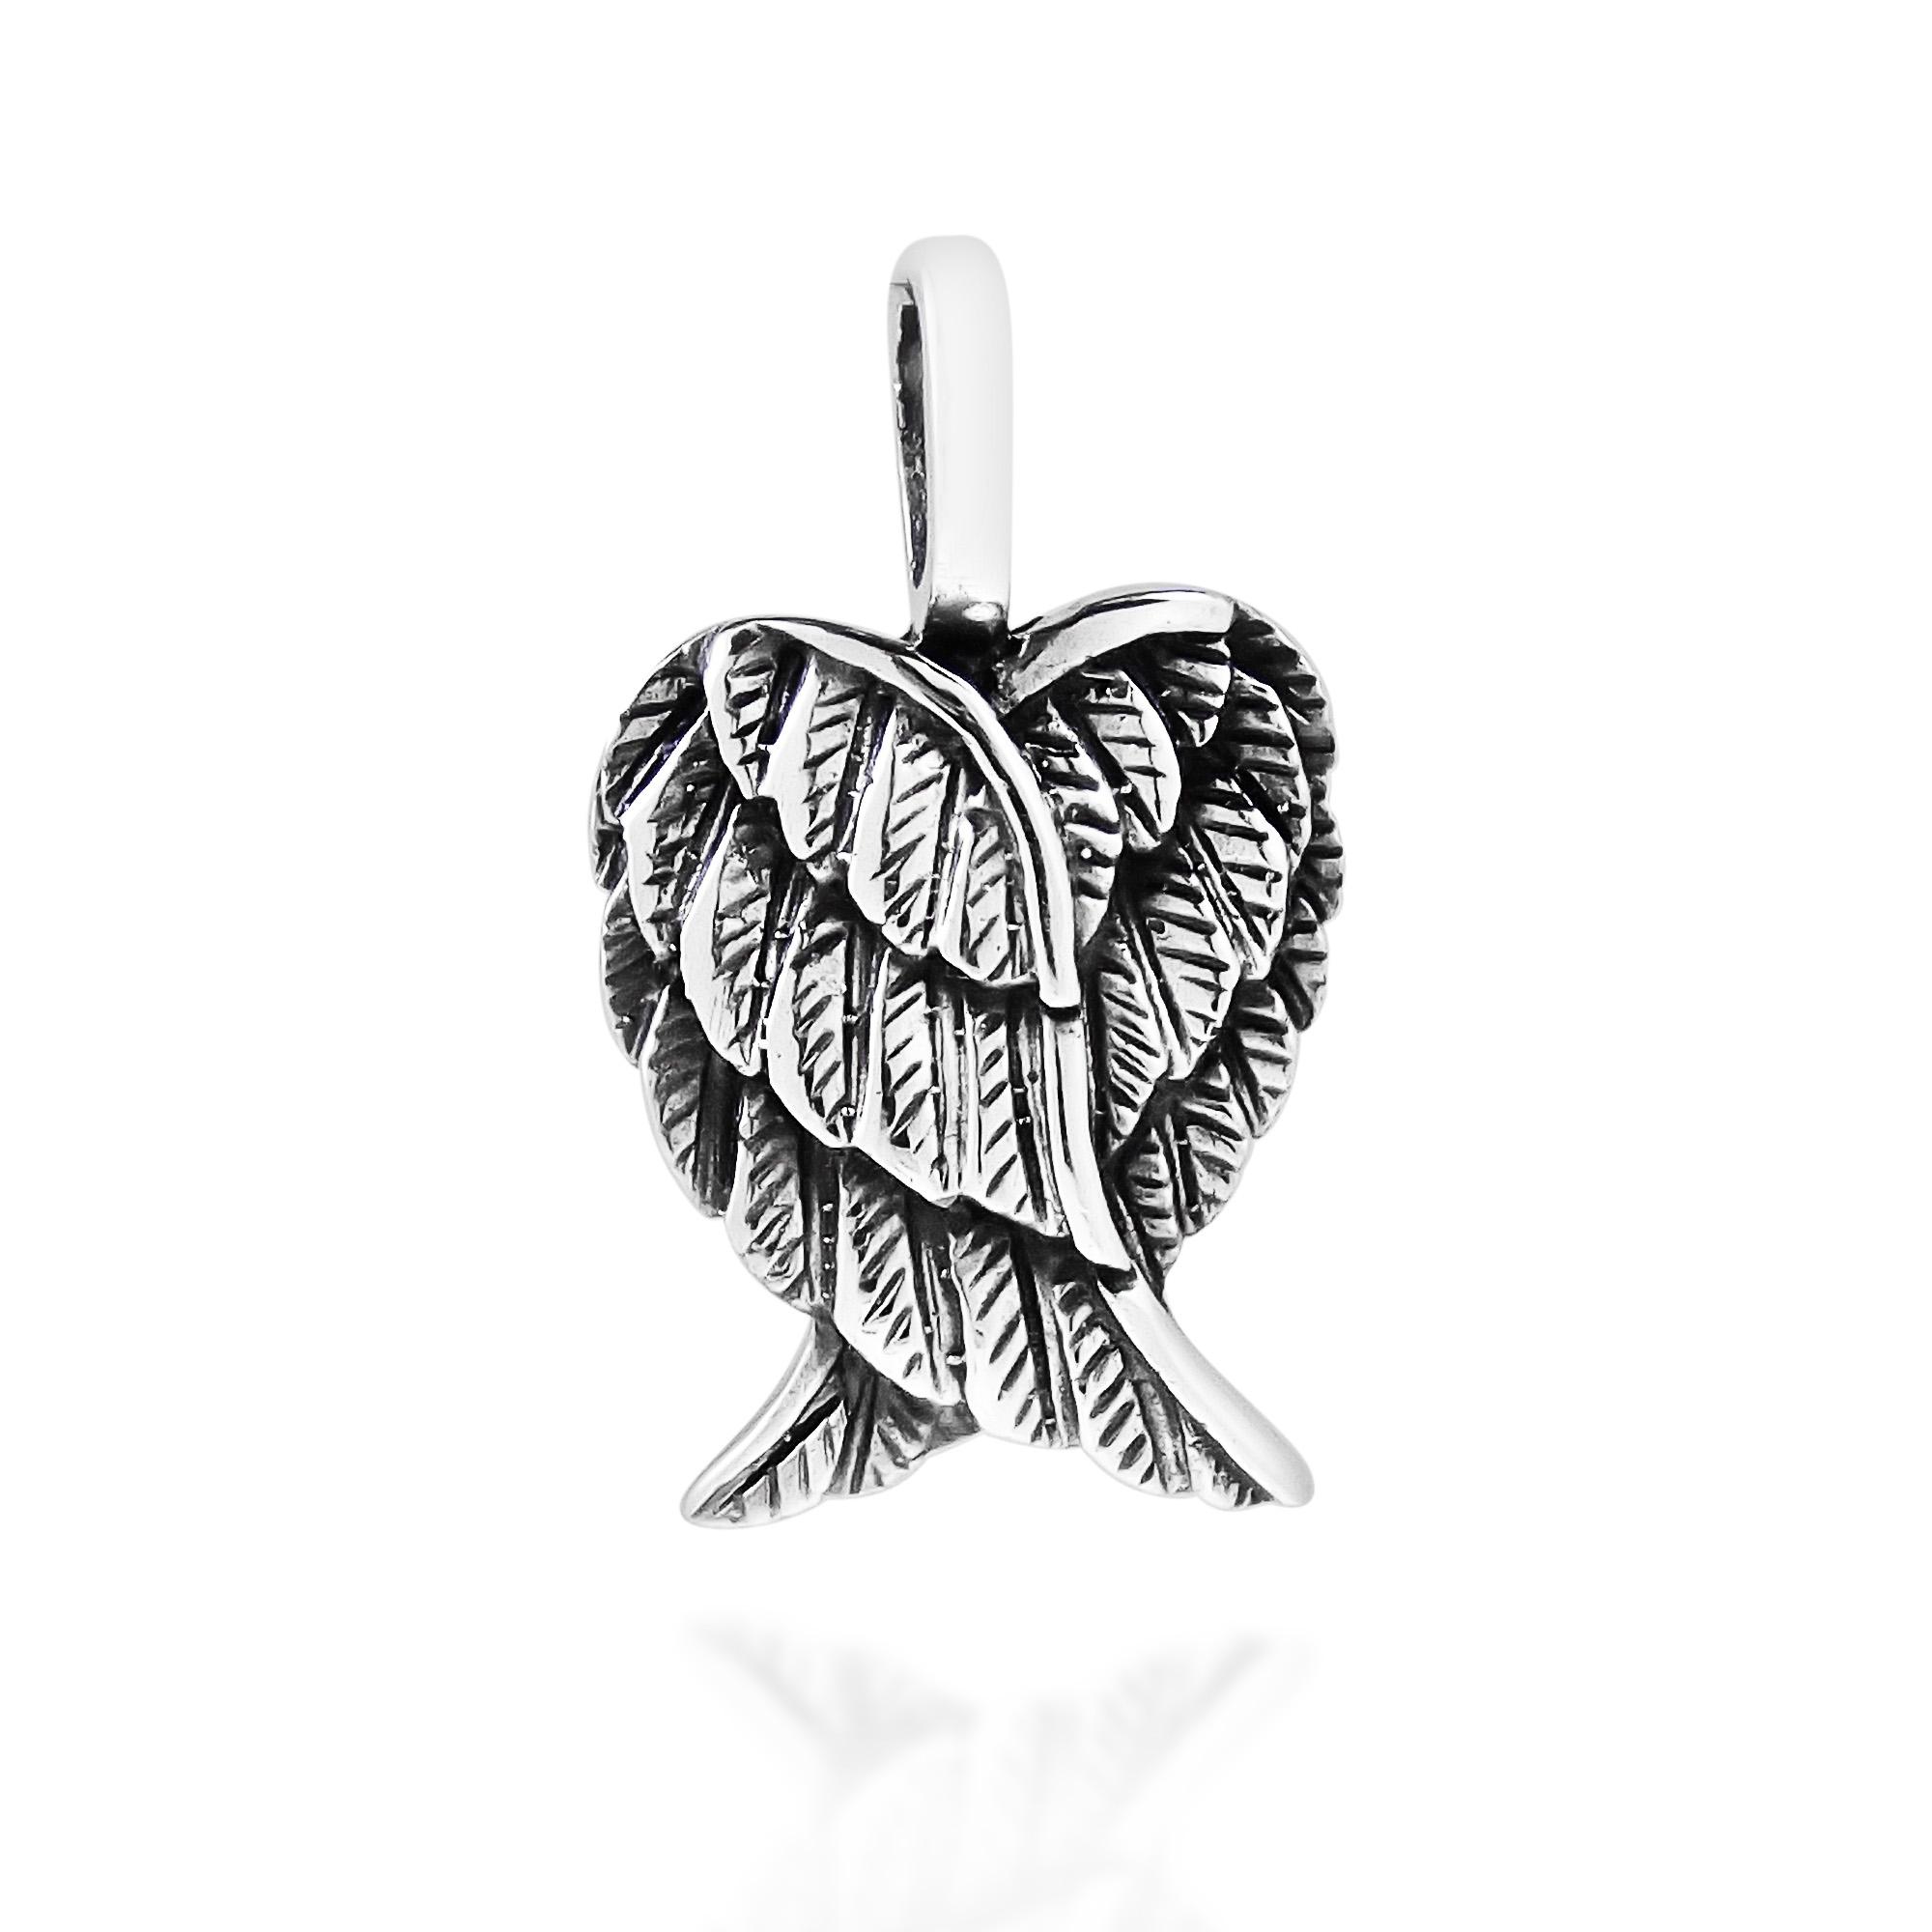 Delightful Petite Heart Shaped Angel Wings Sterling Silver